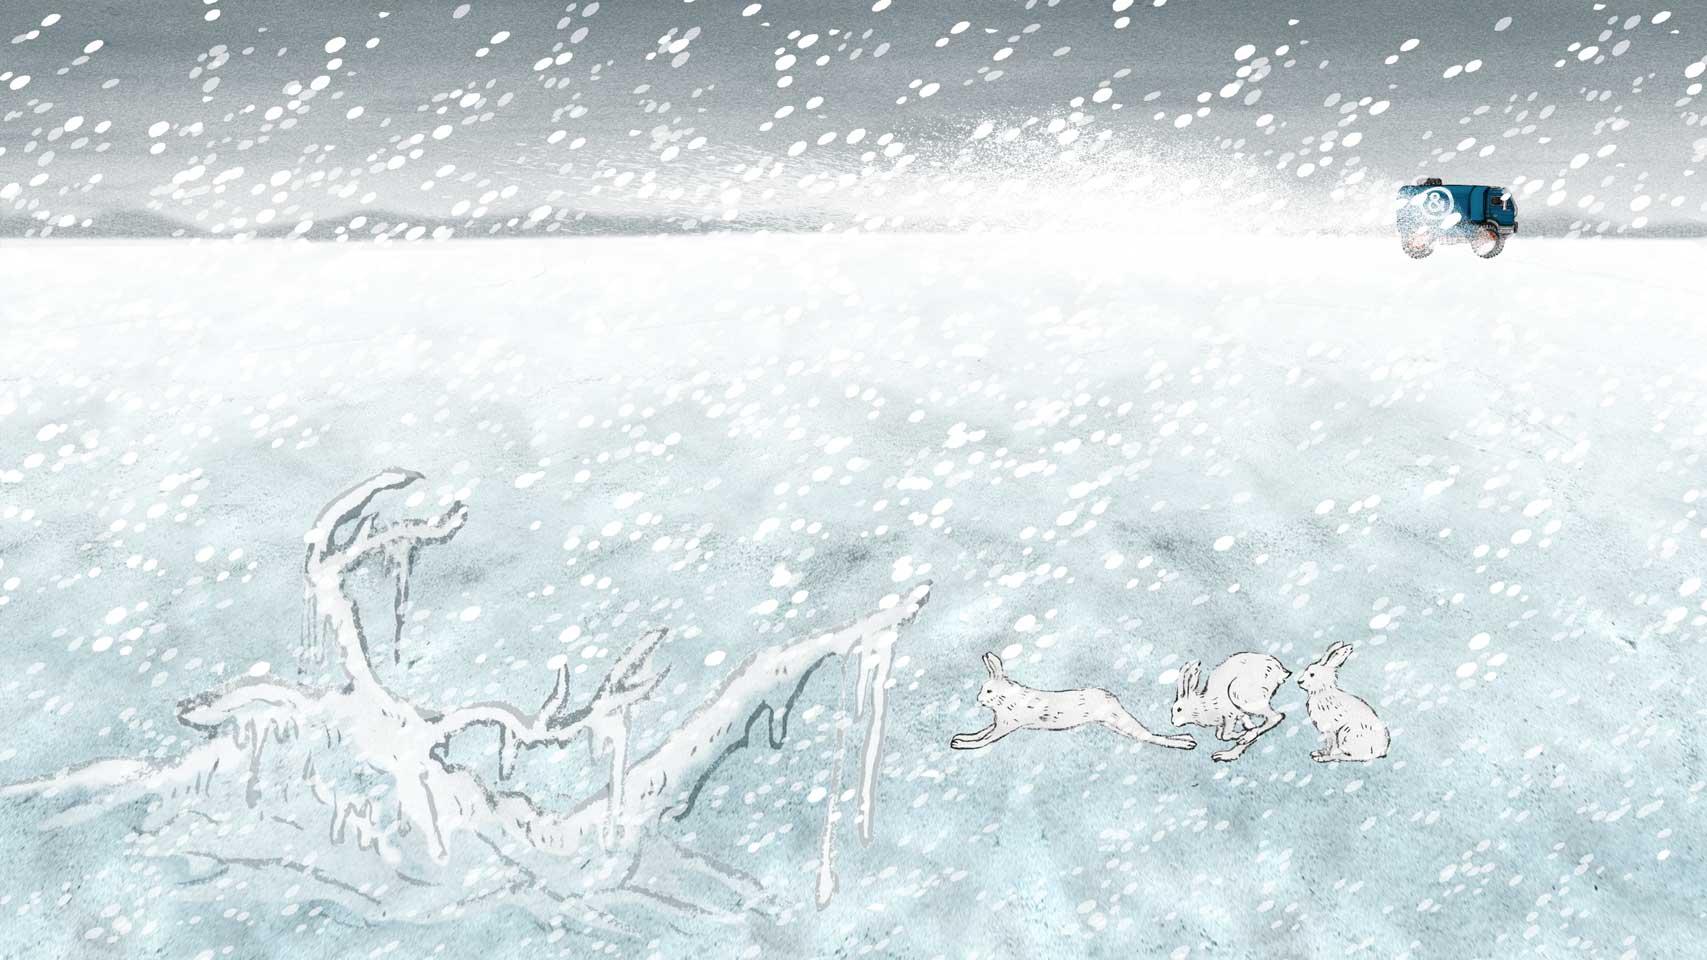 Yuko Shimizu - Happy Film animation x Sagmeister -